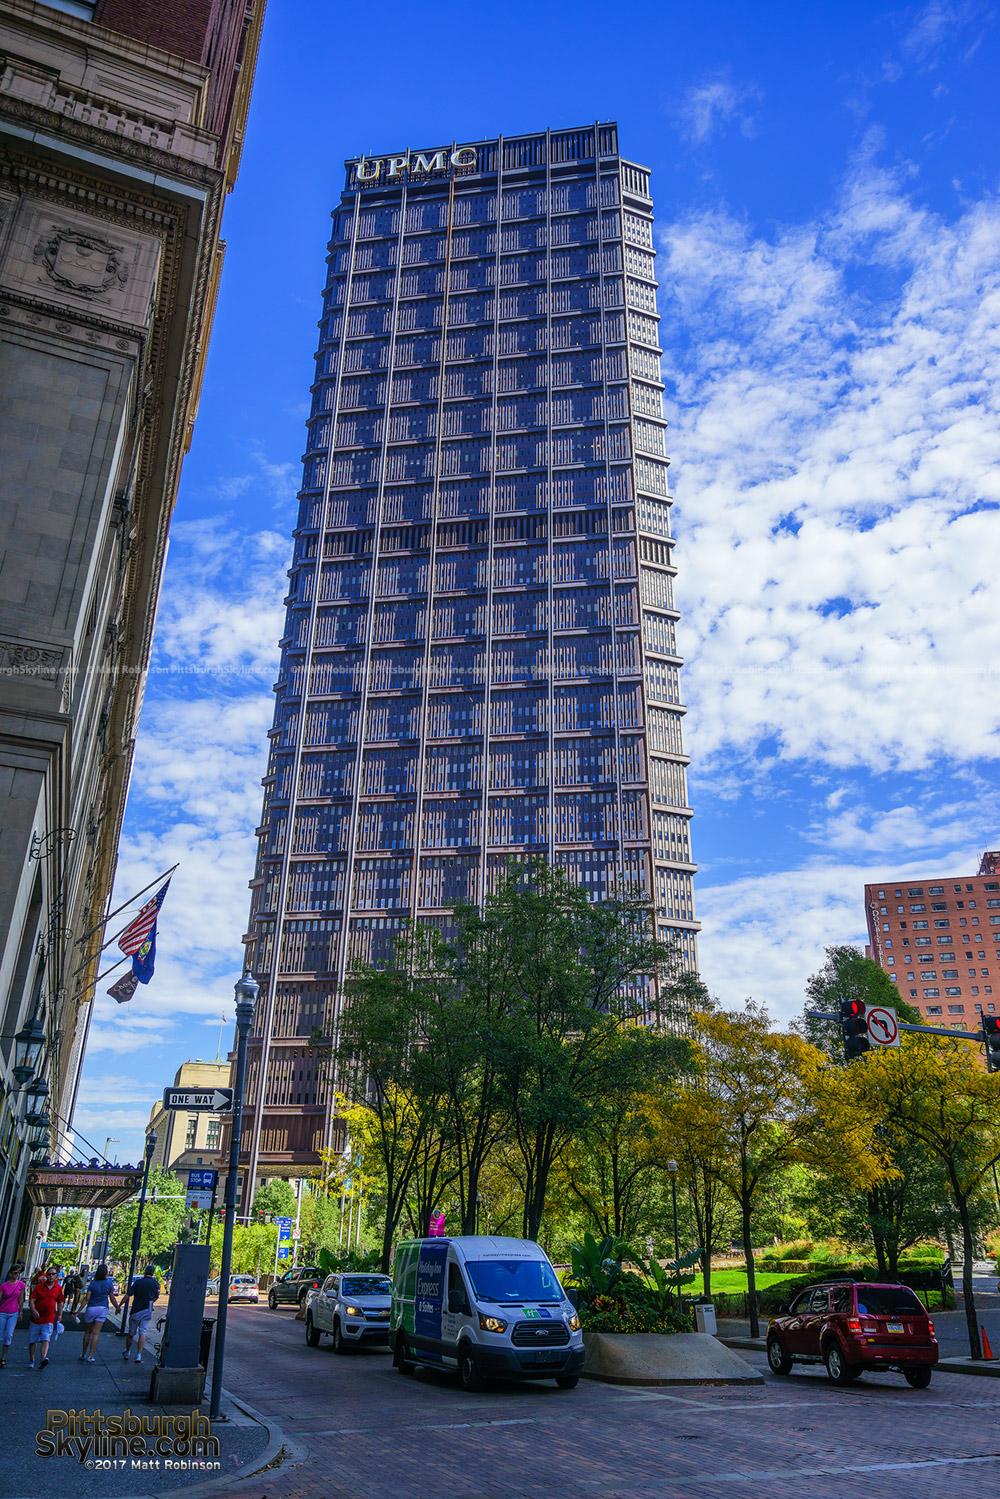 U.S. Steel Tower on Grant Street